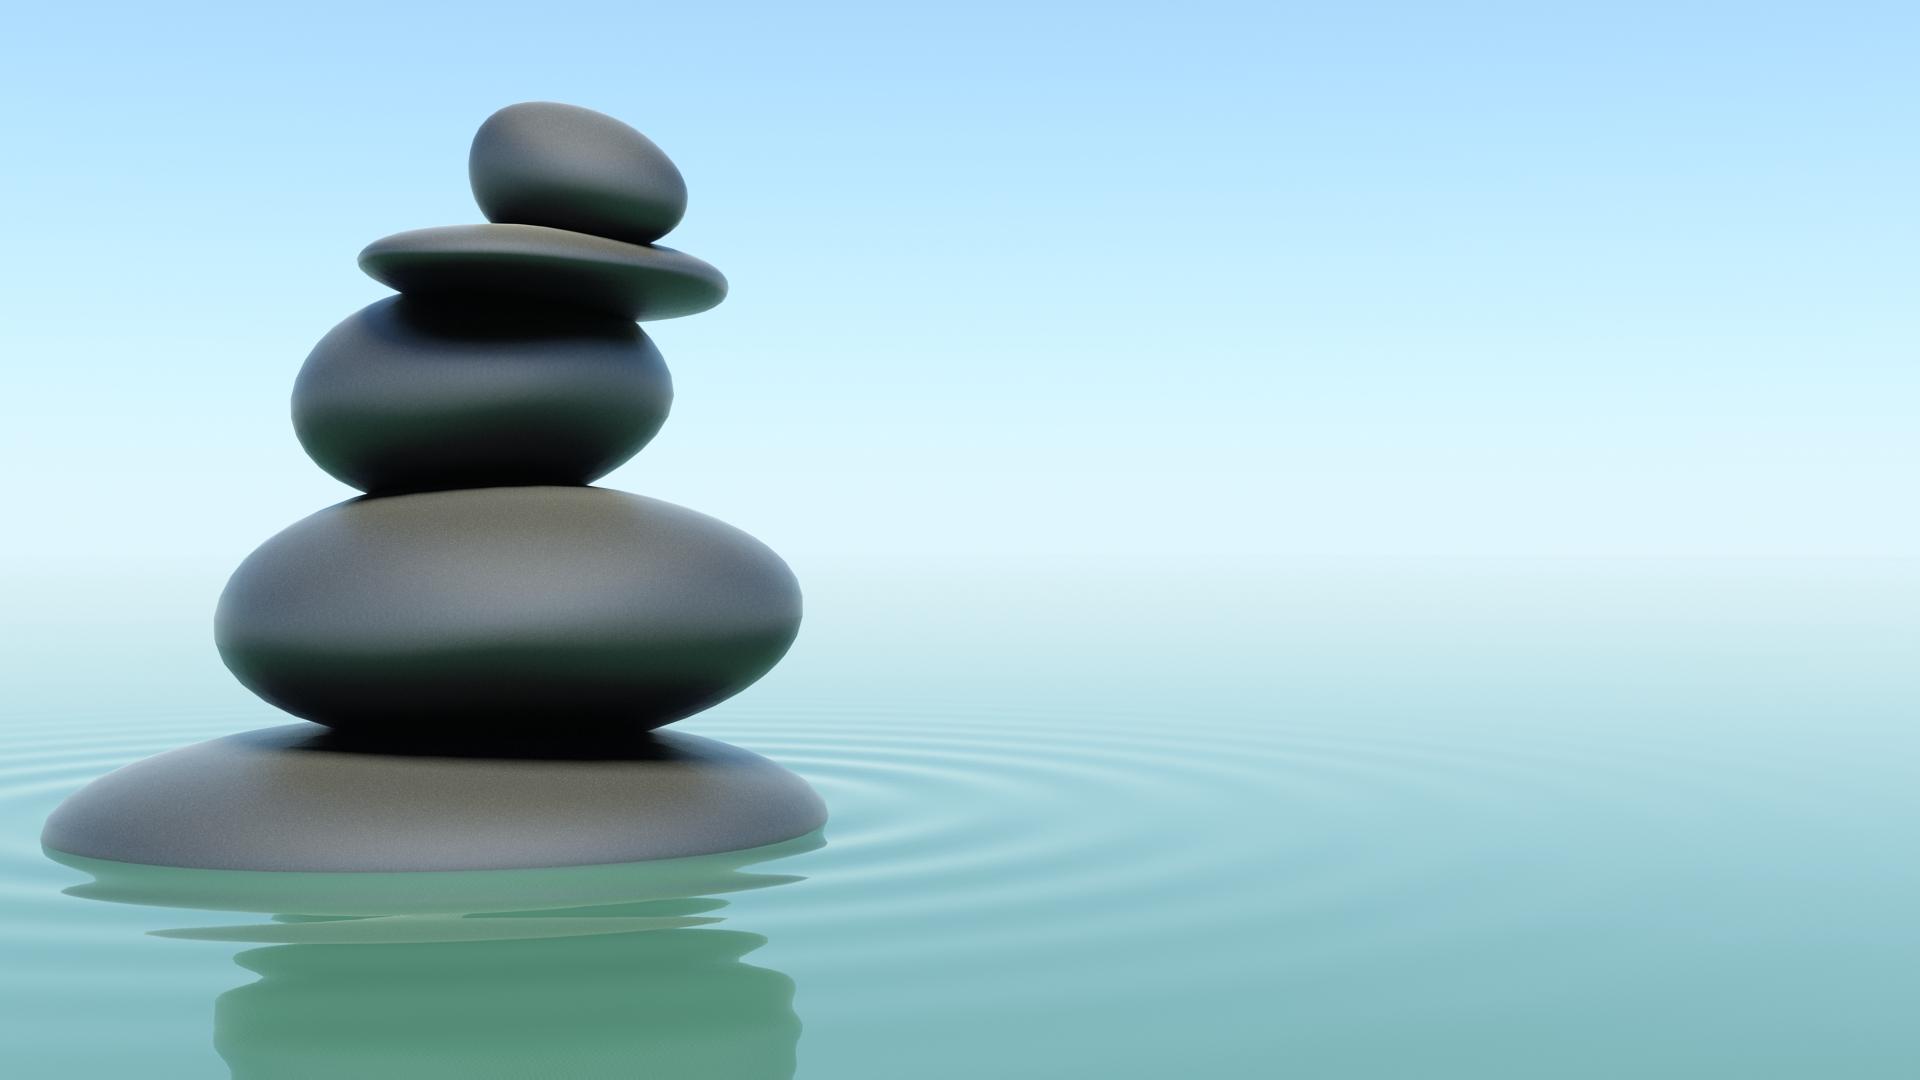 Free Zen Wallpaper, Zen Wallpapers Free Download - 37+ Good Wallpapers